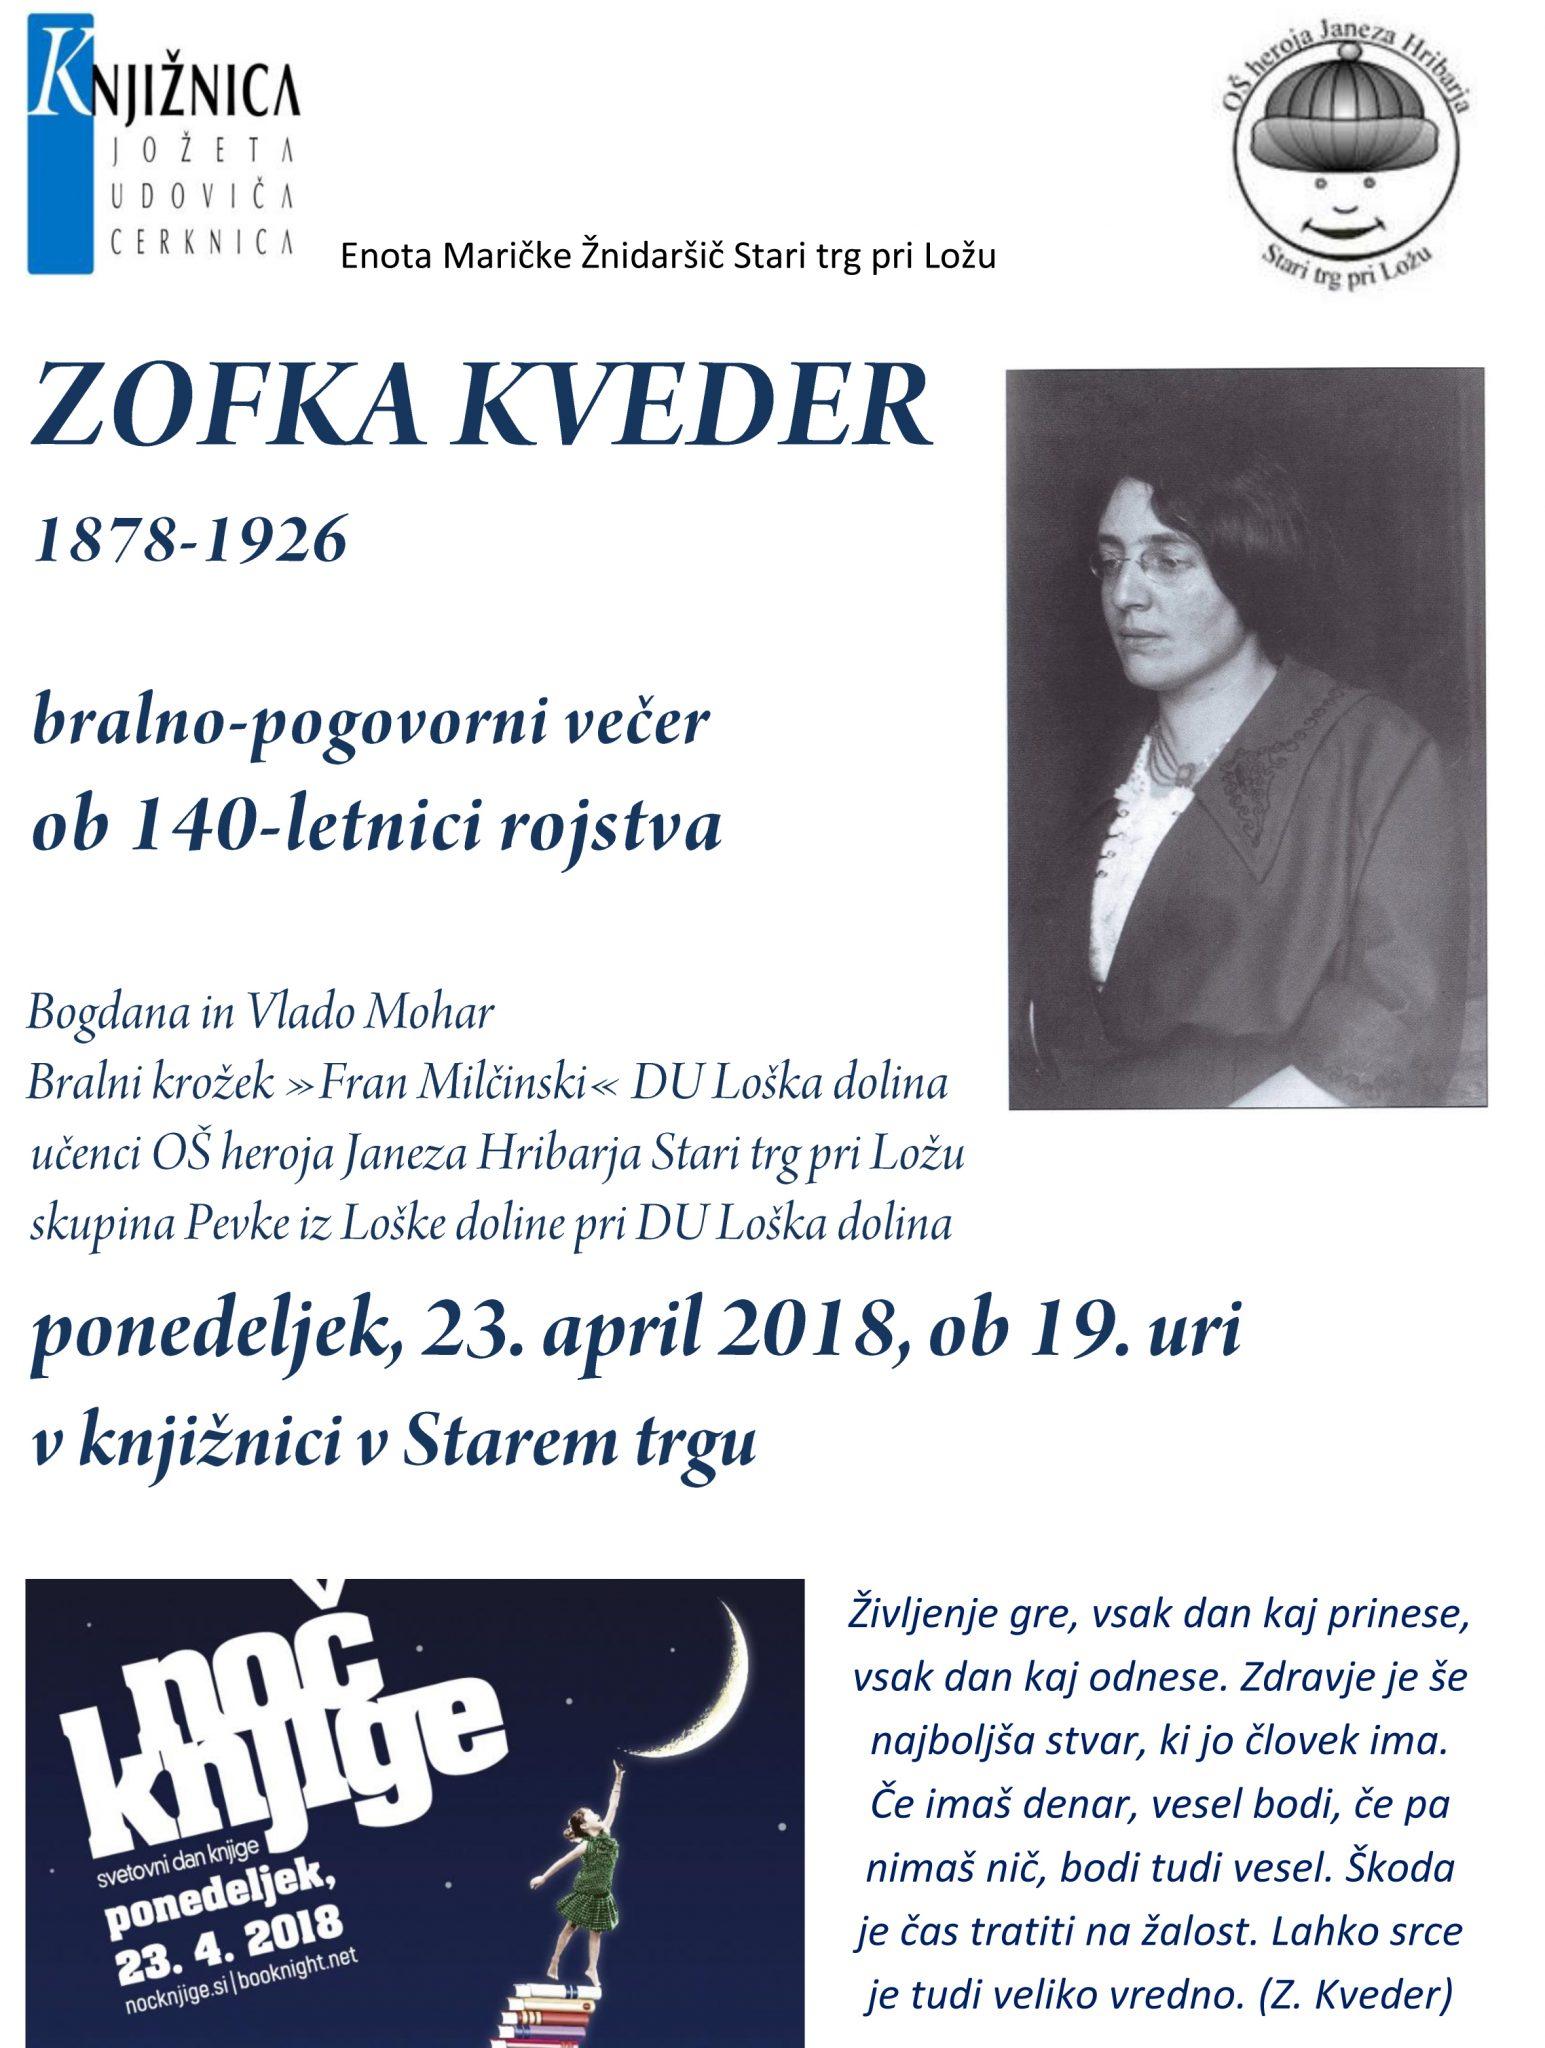 Vabilo 2 1 - Noč knjige v Starem trgu: 140-letnica rojstva Zofke Kveder - bralno-pogovorni večer